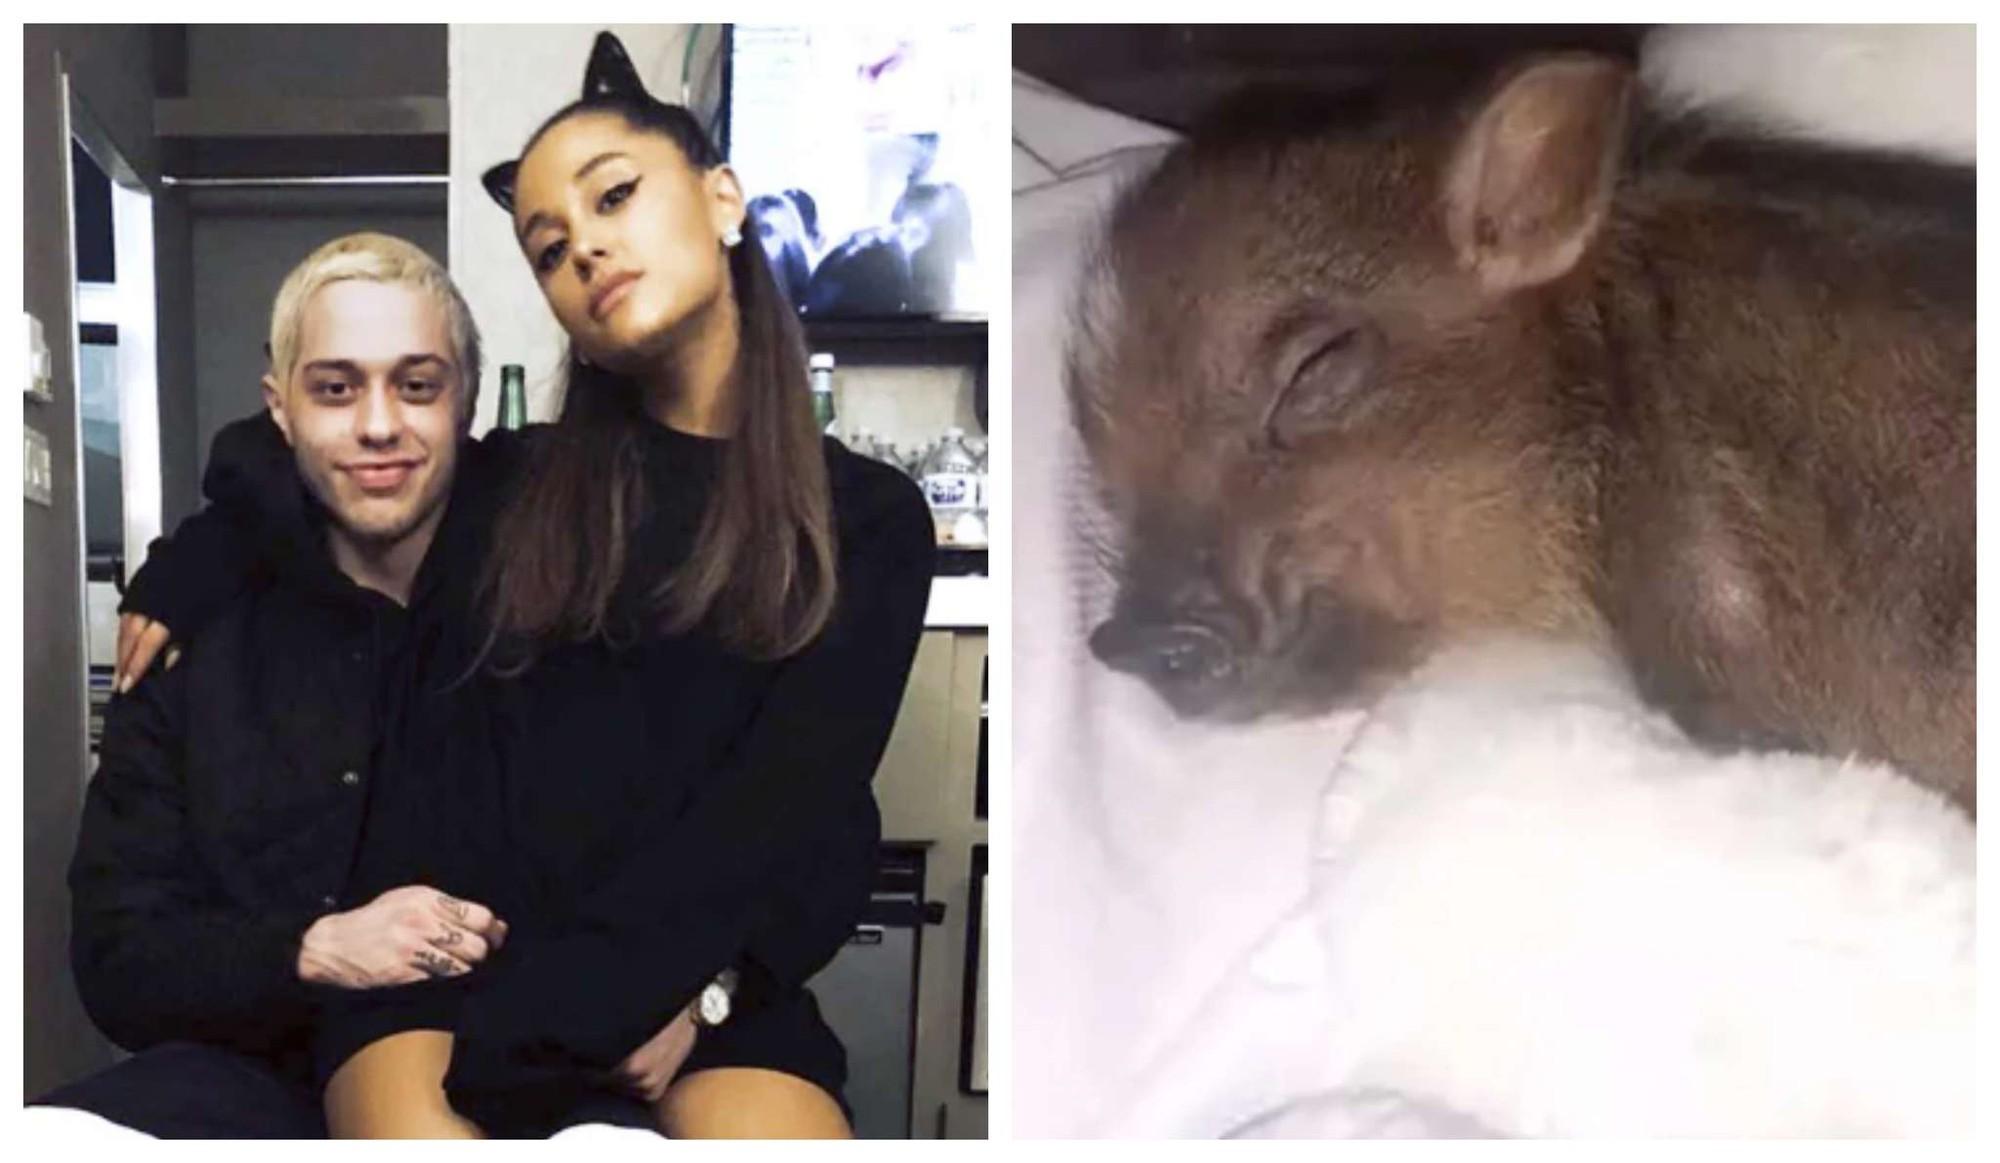 Có cả rổ hình xăm tình yêu với nhau, bạn trai cũ Ariana Grande đã bắt đầu xử lý một trong số đó sau khi chia tay - Ảnh 5.